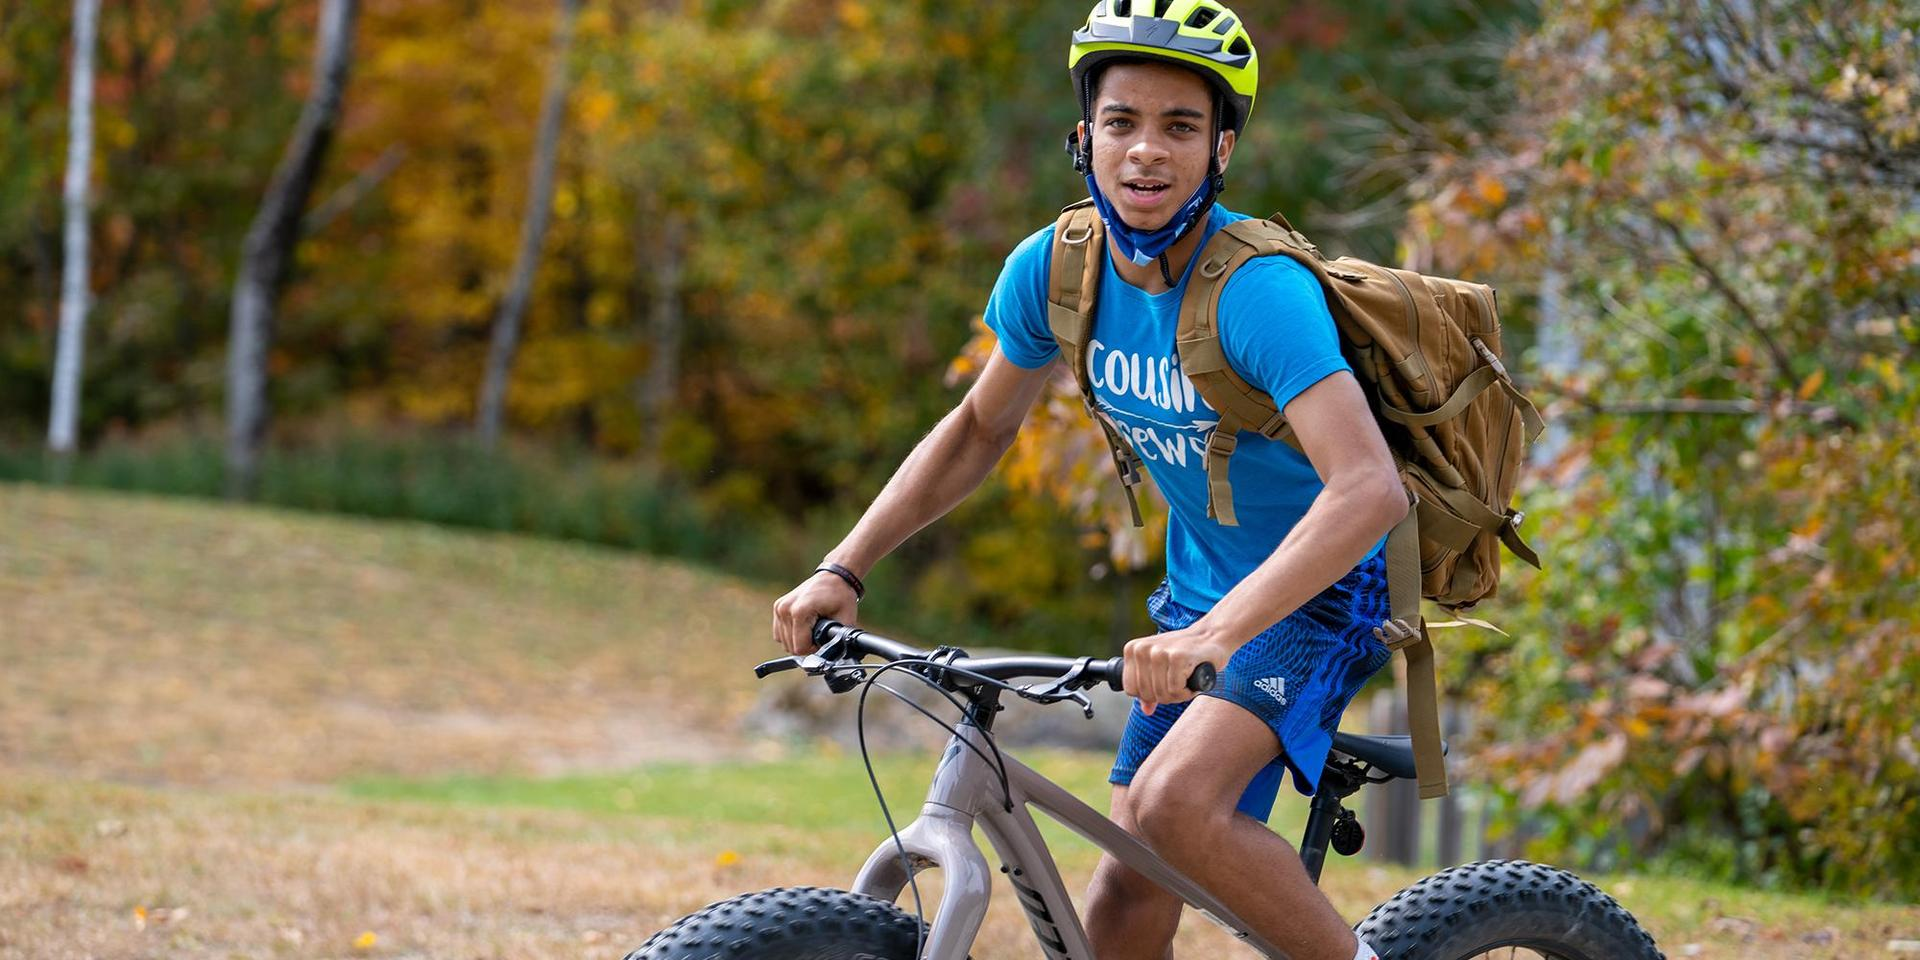 一个骑山地自行车的学生.